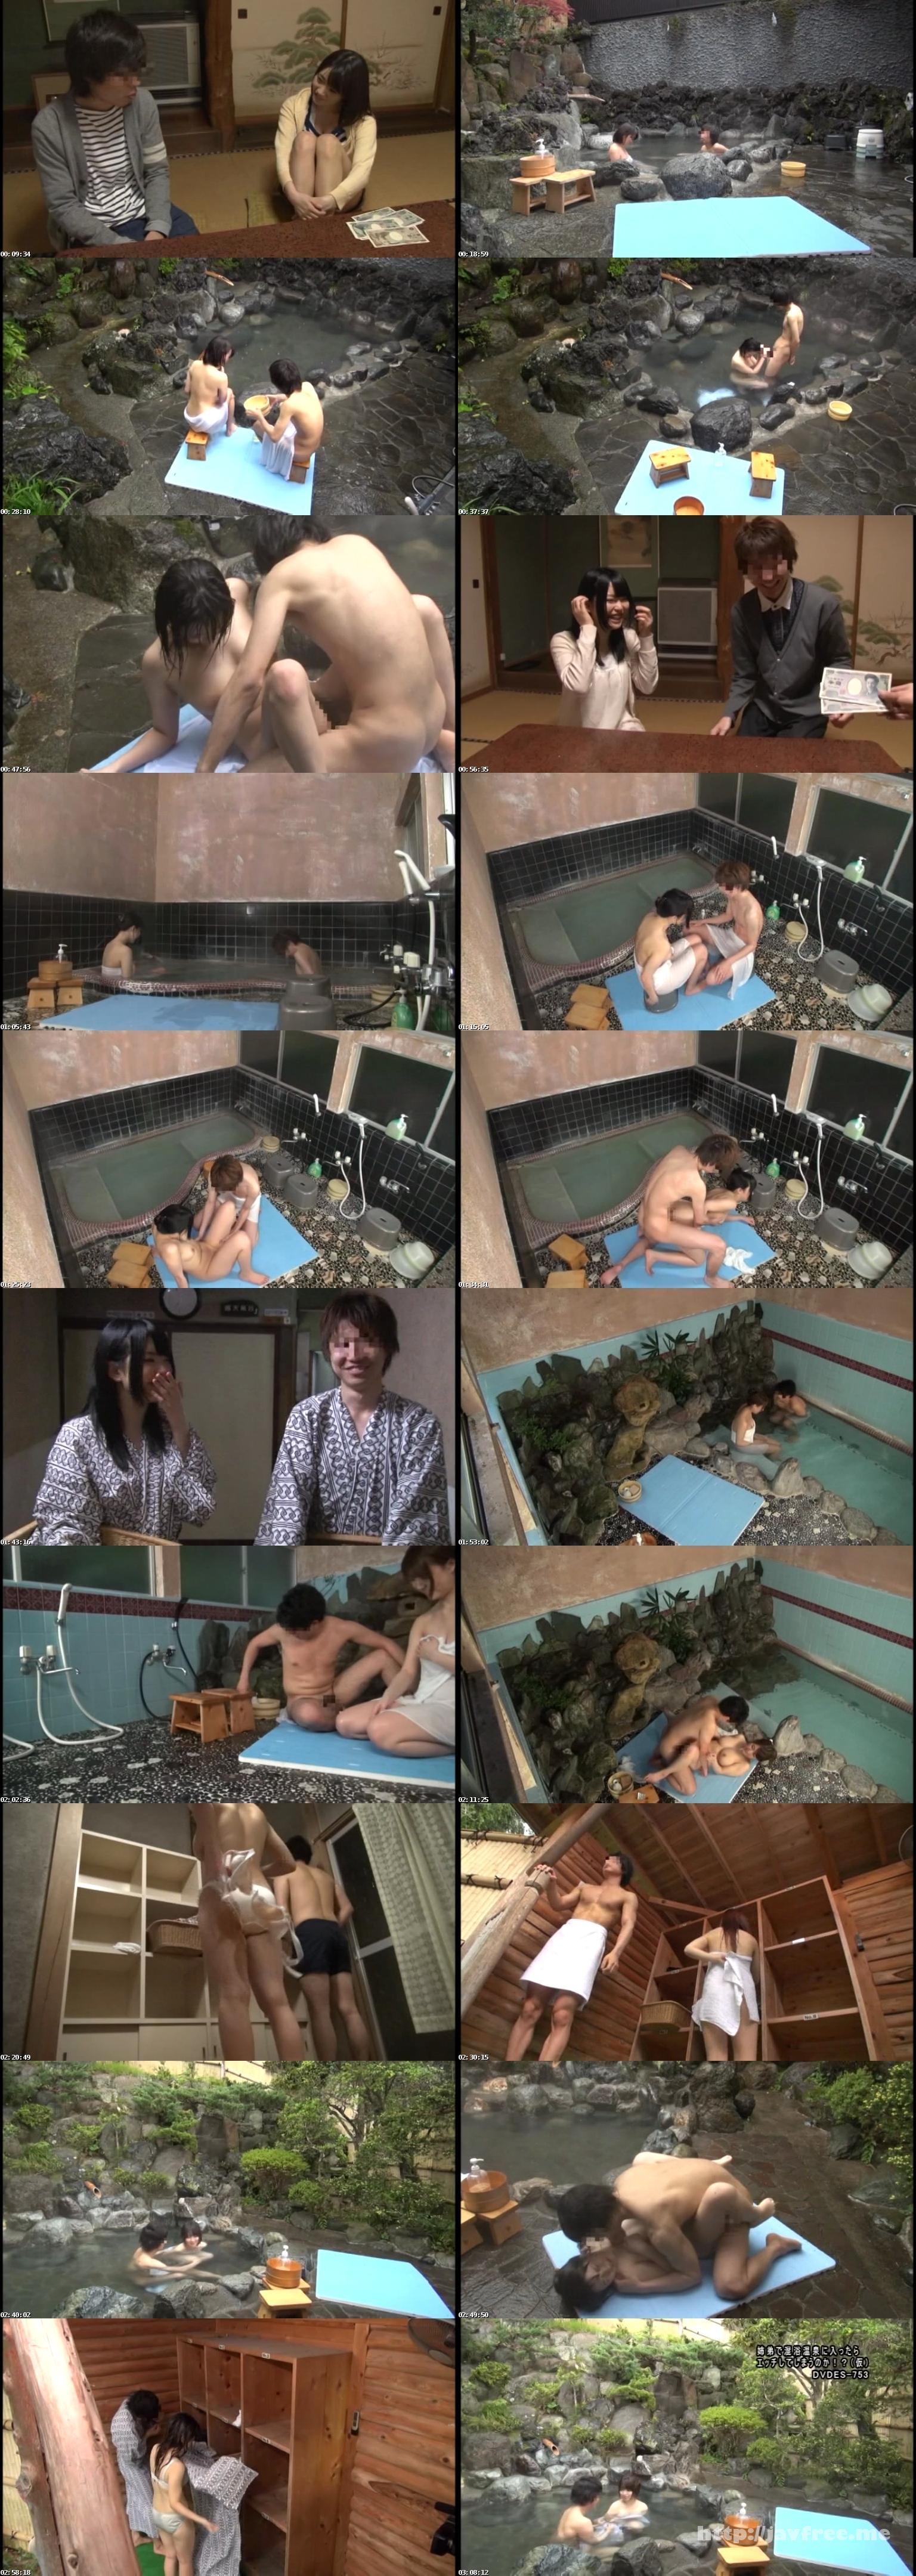 [DVDES-753] 巨乳の姉との15年ぶりの混浴で弟ち○ぽはフル勃起!! 家族旅行中の素人姉弟がエッチなミッションにチャレンジ! 両親には内緒で混浴温泉で二人っきり(ハート)温泉でおっぱいとおち○ちんの洗いっこをしたら姉と弟は近親相姦に手を出してしまうのか?in箱根温泉 - image DVDES-753 on https://javfree.me